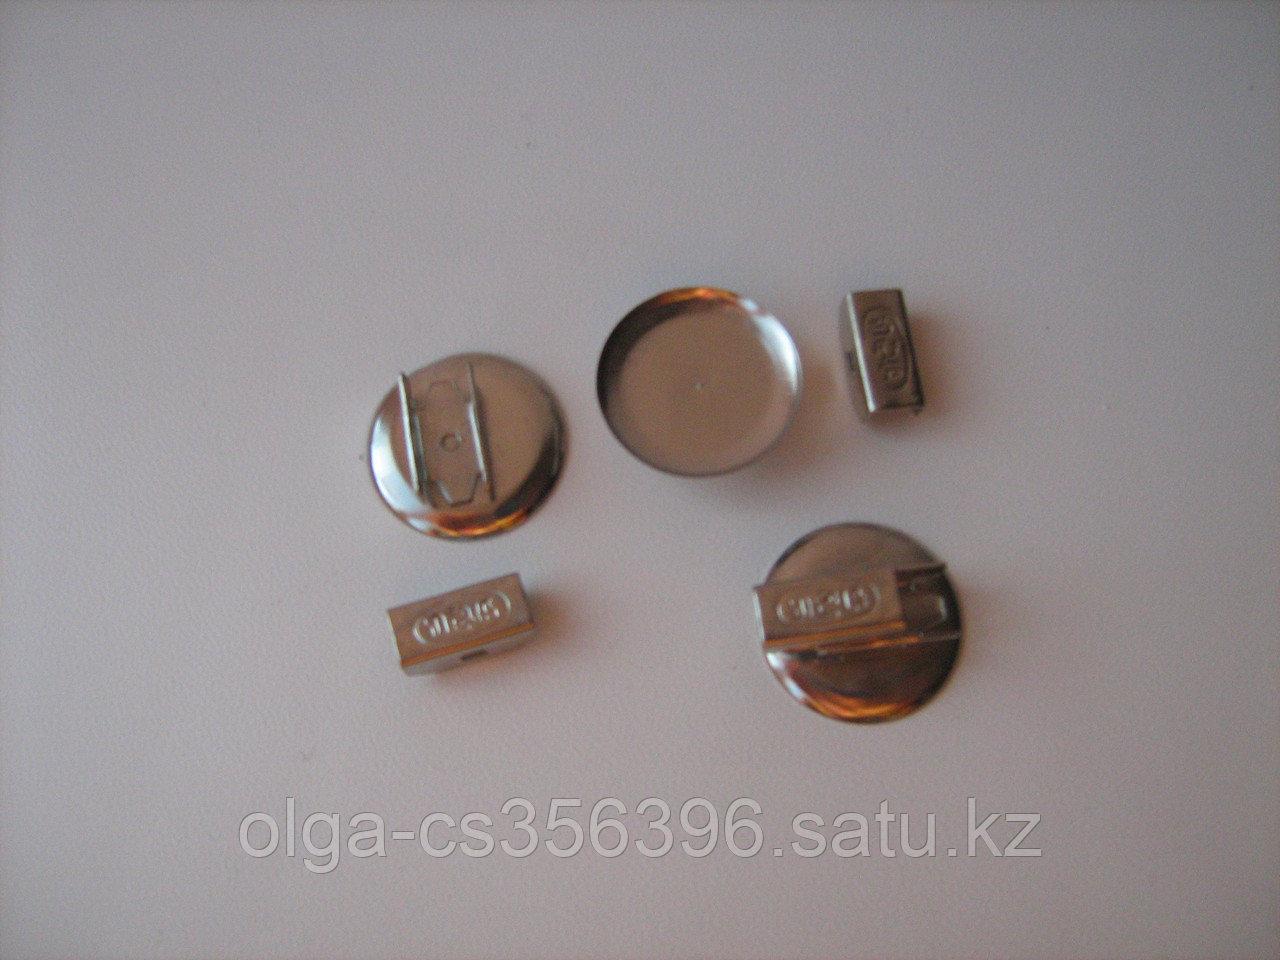 Основа для резинки (металл) цвет серебро 25 мм. Creativ 812